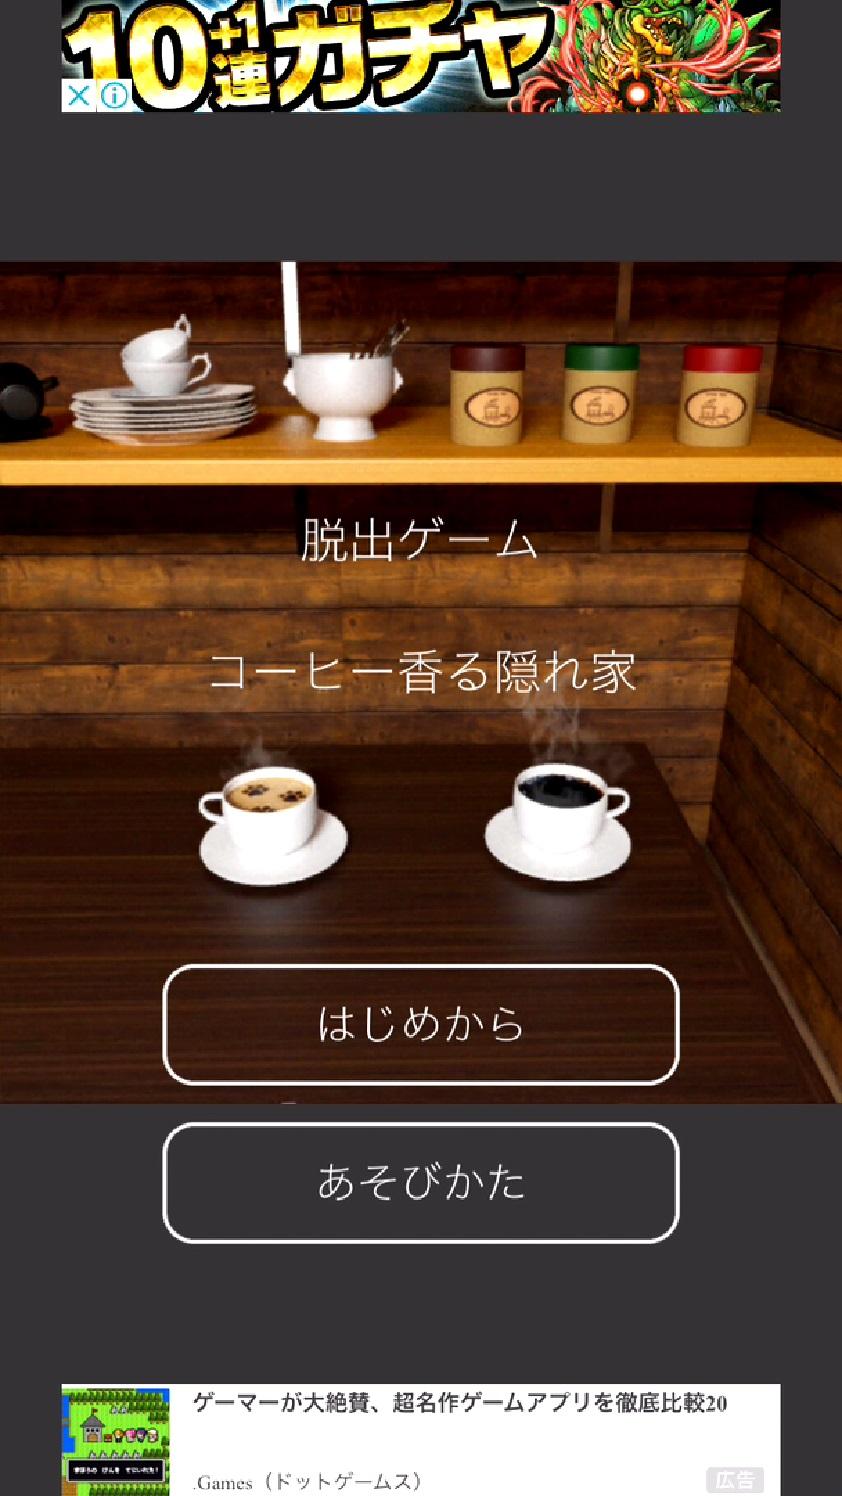 androidアプリ 脱出ゲーム ~コーヒー香る隠れ家からの脱出~攻略スクリーンショット1